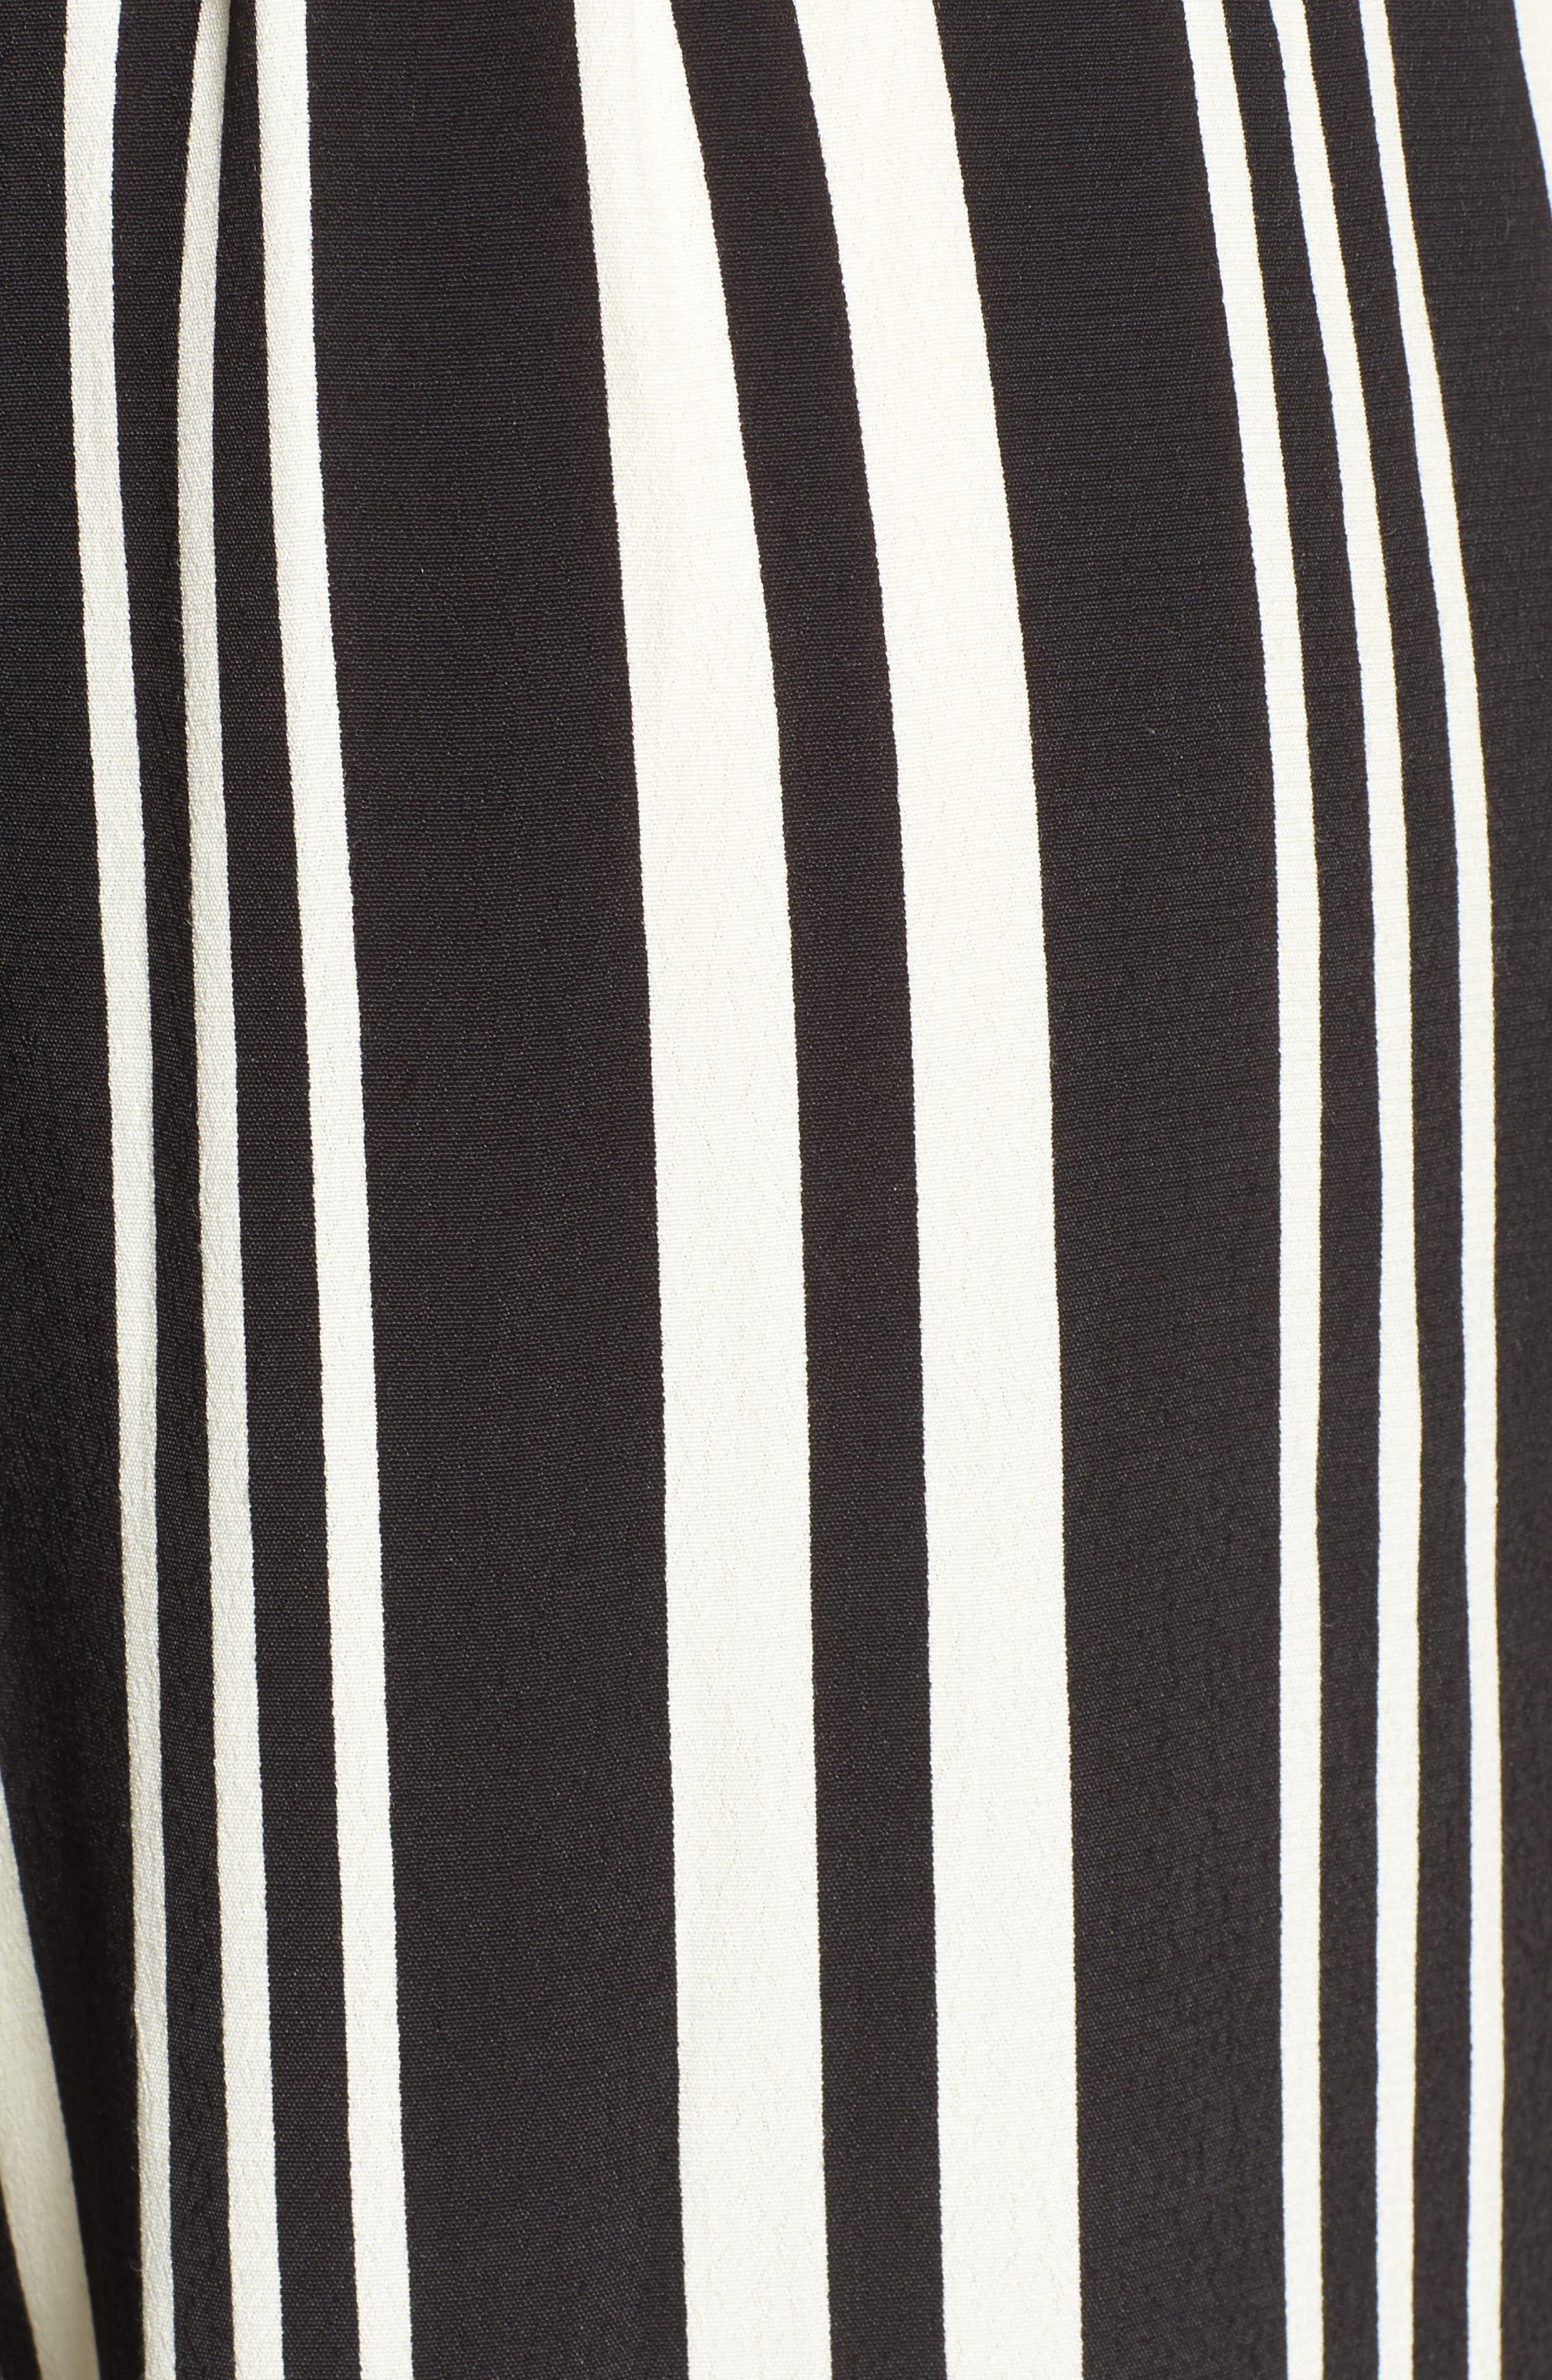 Split Leg Pants,                             Alternate thumbnail 5, color,                             Black Bold Wide Sripe